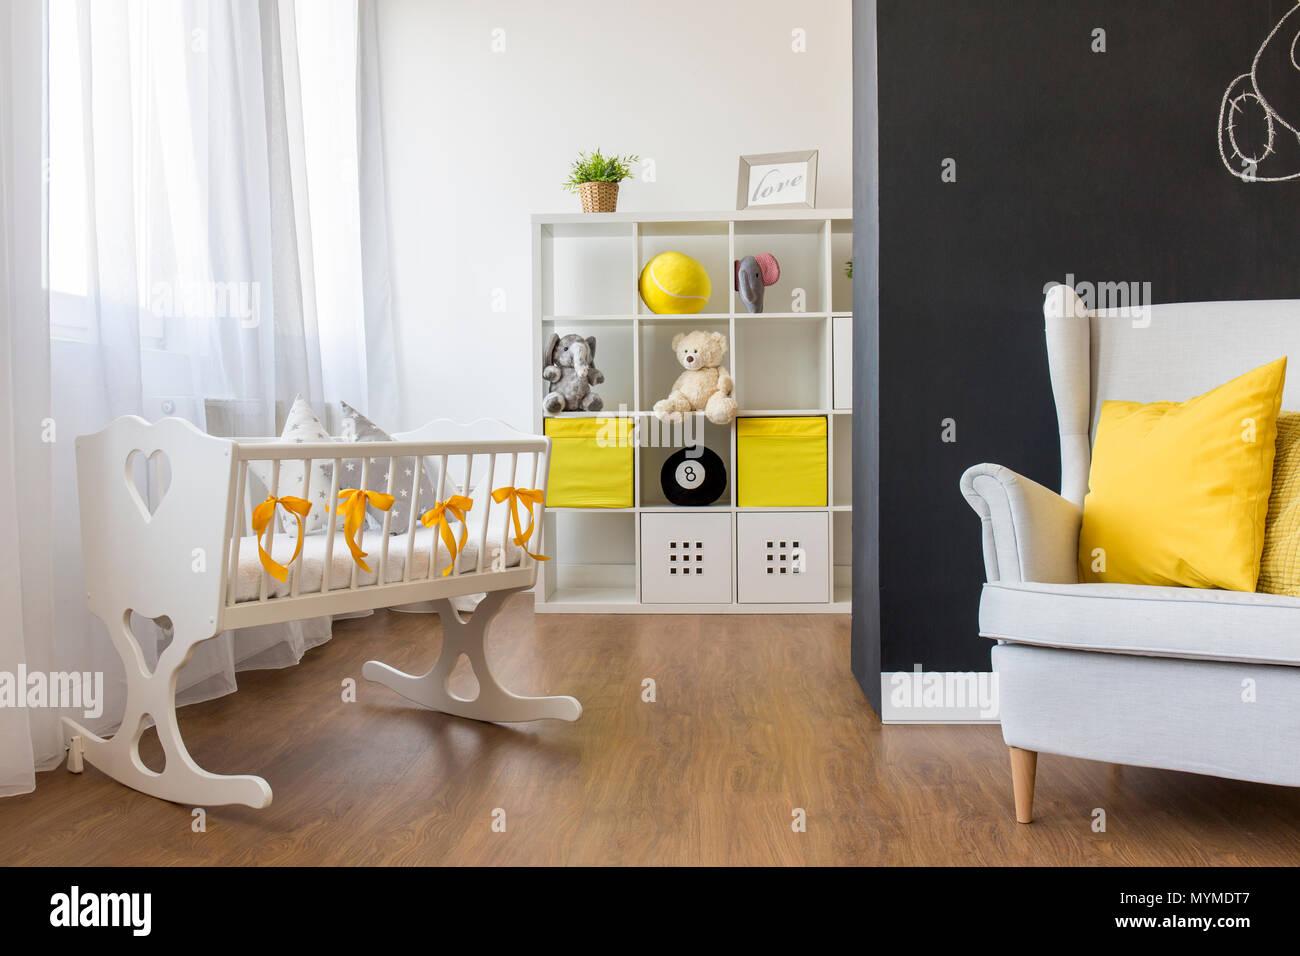 Schuss eine gemütliche Kinderzimmer mit einer Tafel an der Wand ...